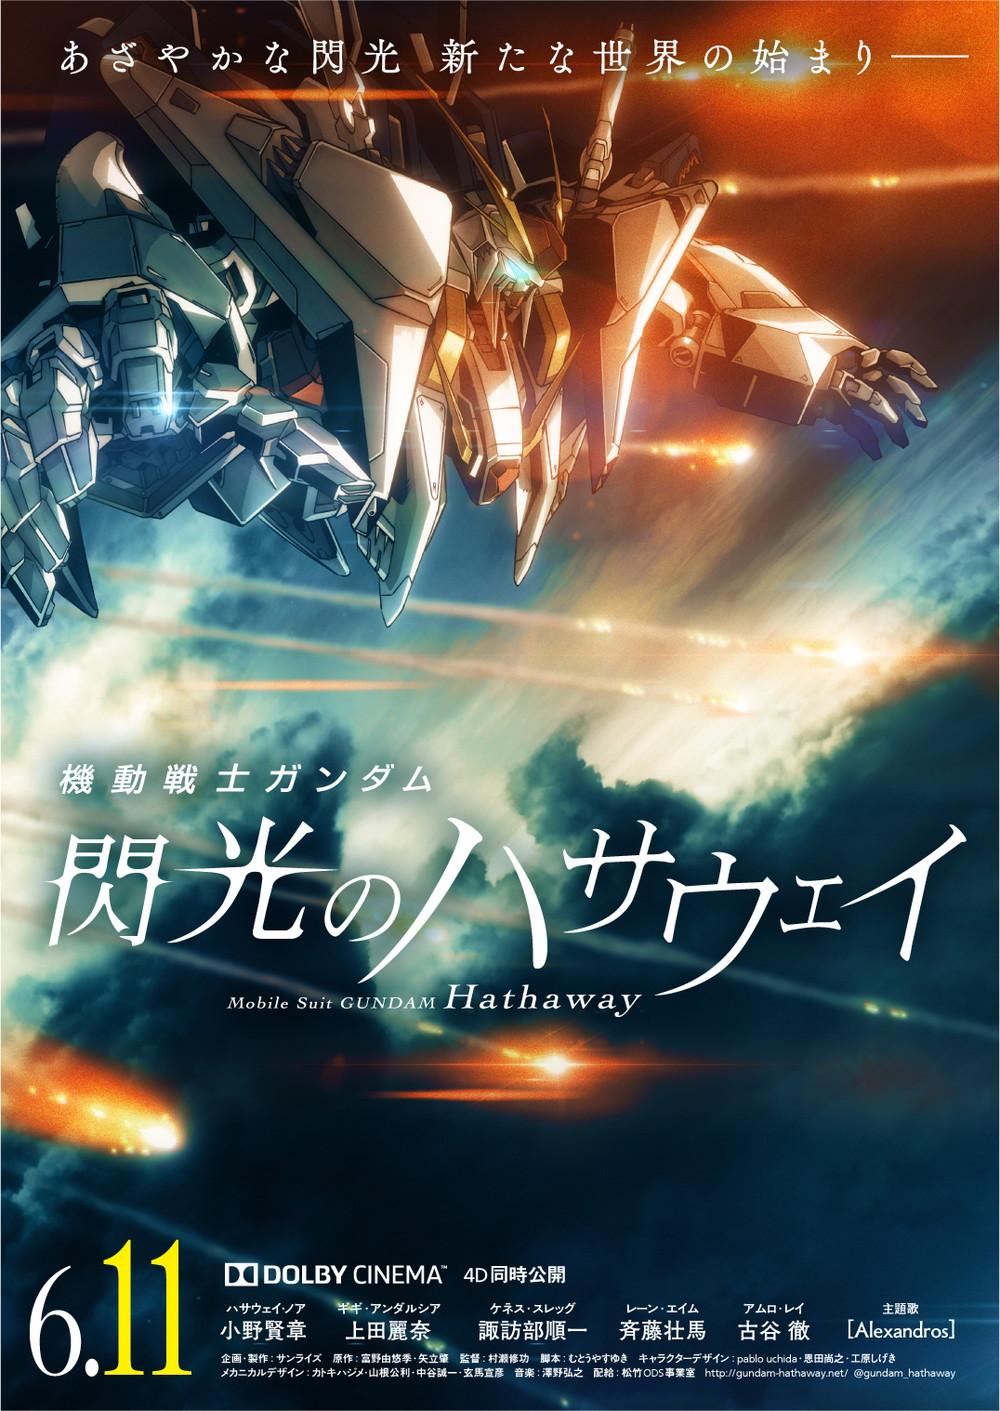 『機動戦士ガンダム-閃光のハサウェイ』